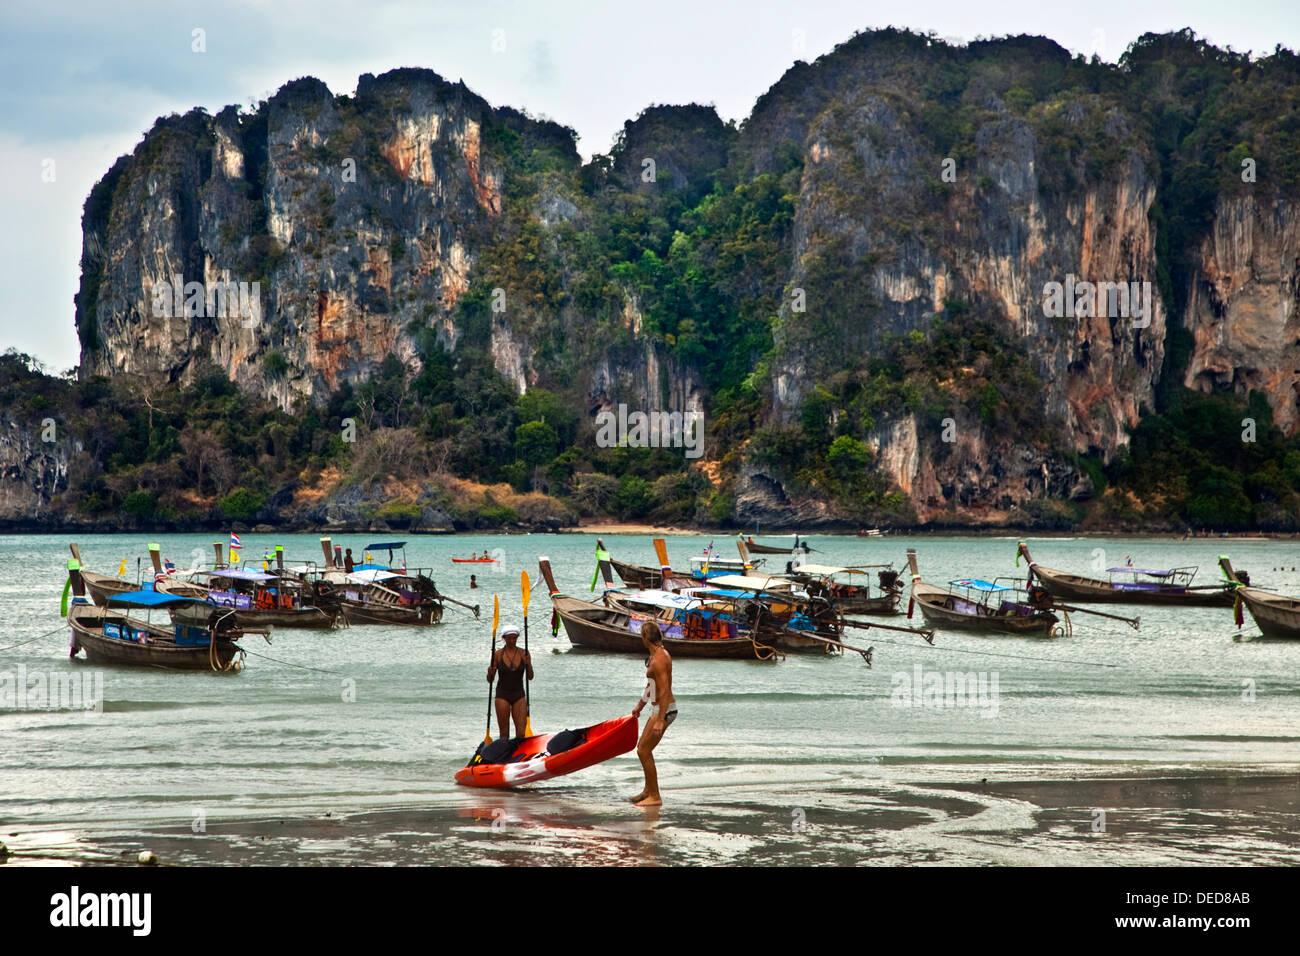 Coloridos botes de cola larga, Railay Beach, Krabi, Tailandia. Imagen De Stock